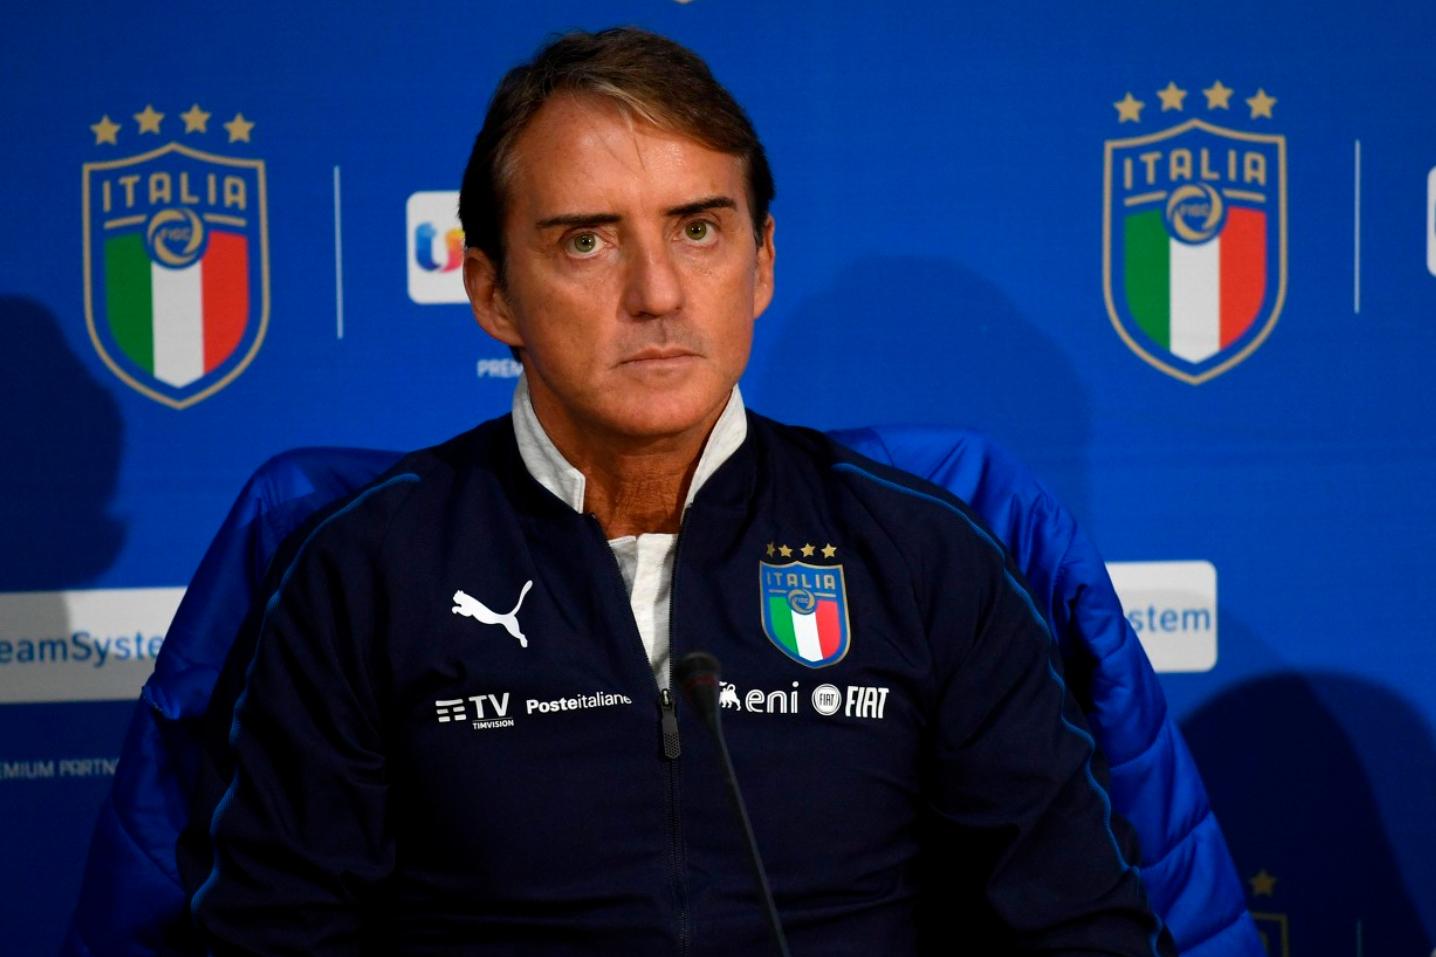 时隔四年意大利队FIFA排名重回世界前十,2022年世预赛将成种子队-今球app官网